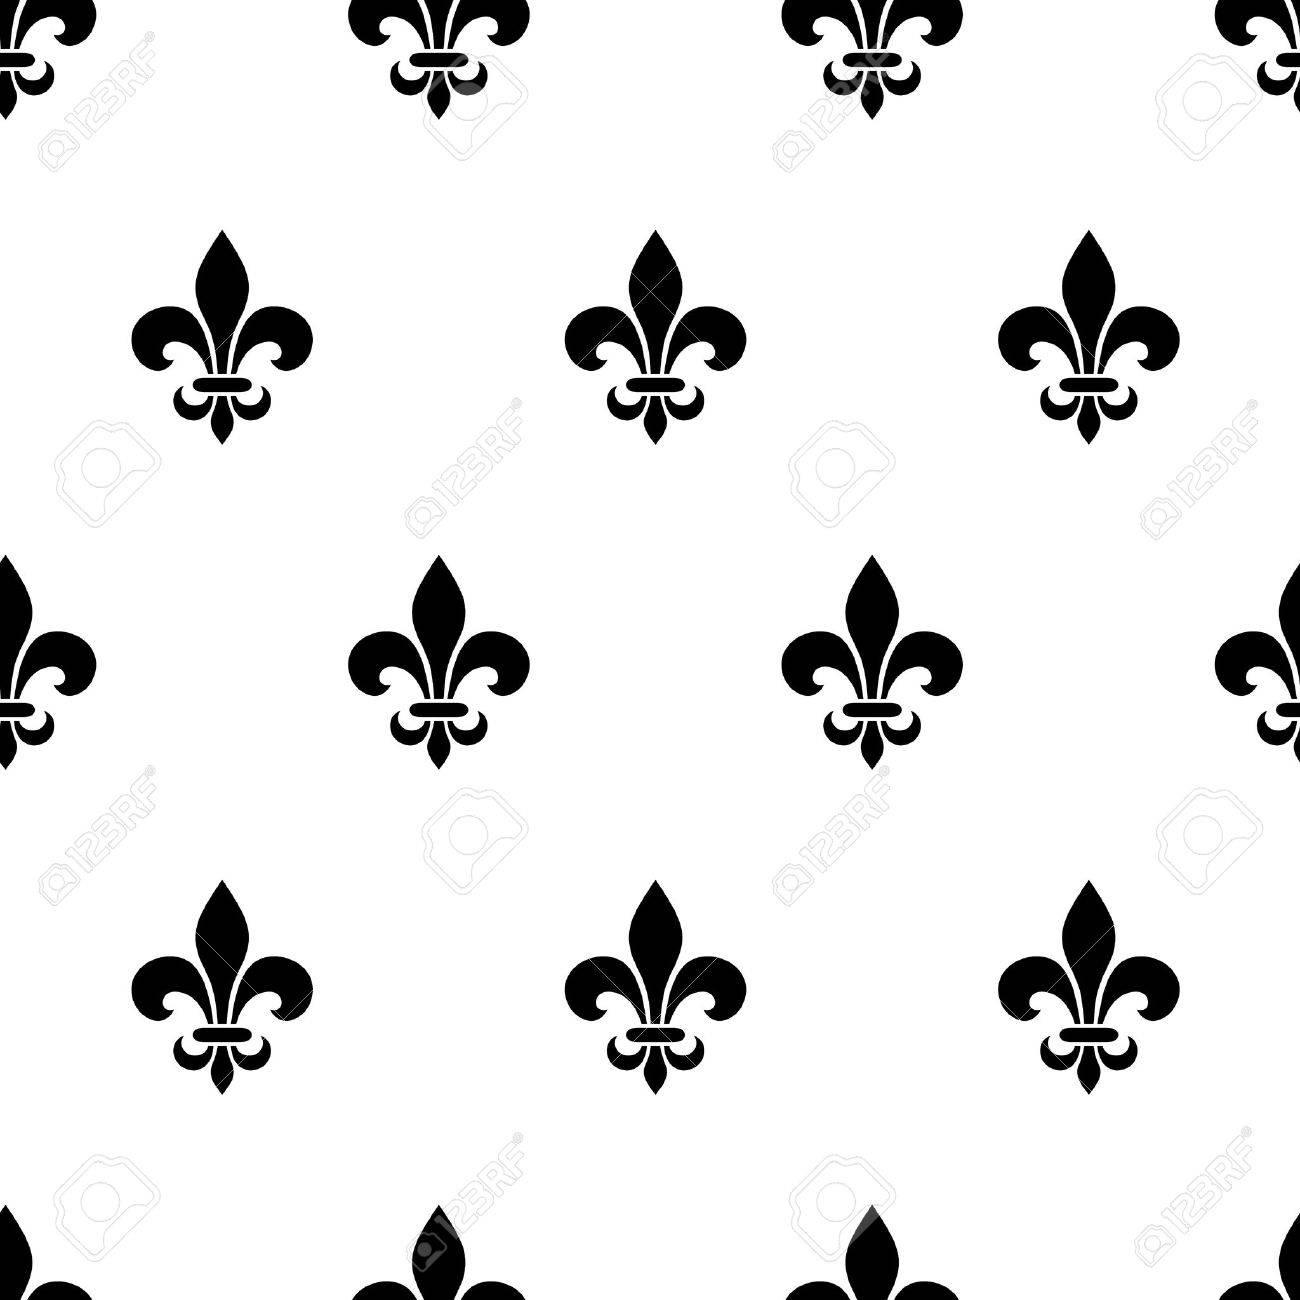 Vector Sin Patrón Blanco Y Negro Con Símbolos De La Flor De Lis